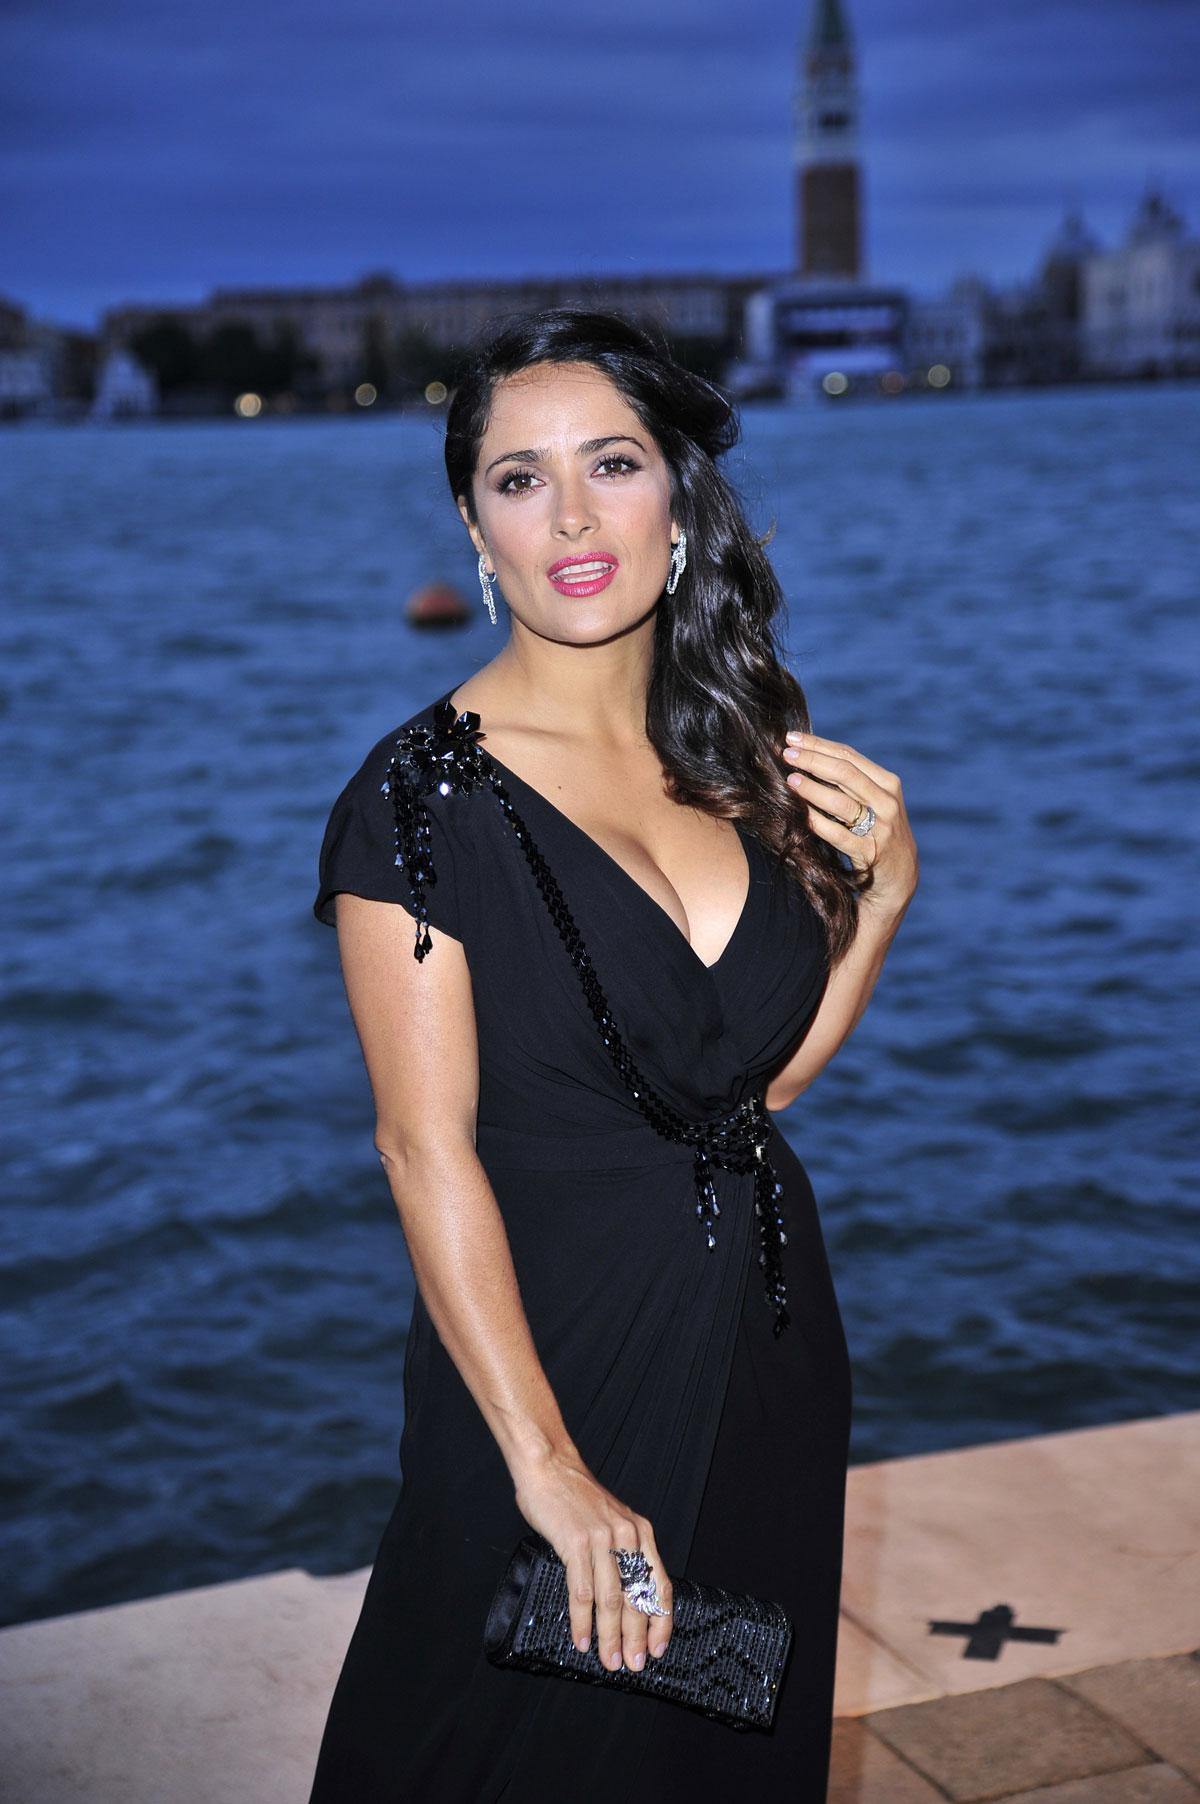 50d2edb1ee9 Mehhiko päritolu Hollywoodi staar Salma Hayek kritiseeris seda, et  eelistatakse ülikõhnu näitlejannasid ja modelle.